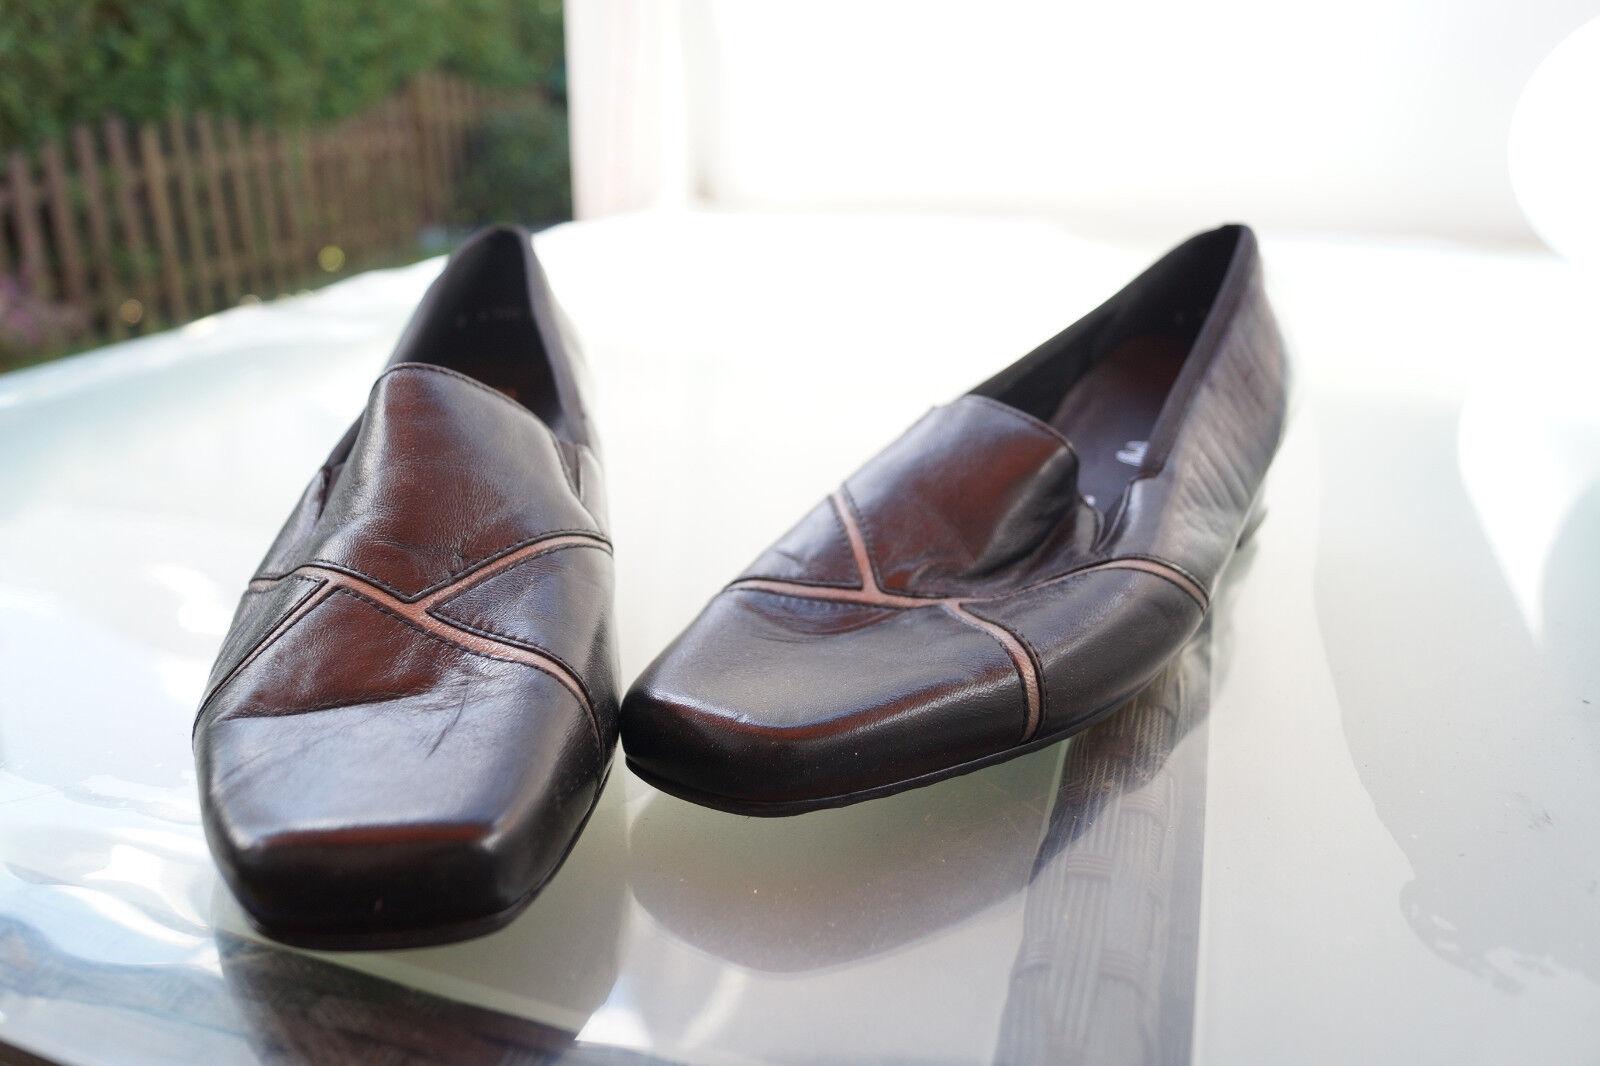 Schicke Gr.6,5 ARA Damen Comfort Schuhe Pumps Leder m. Einlagen Gr.6,5 Schicke H 40 schwarz NEU 89fcb2